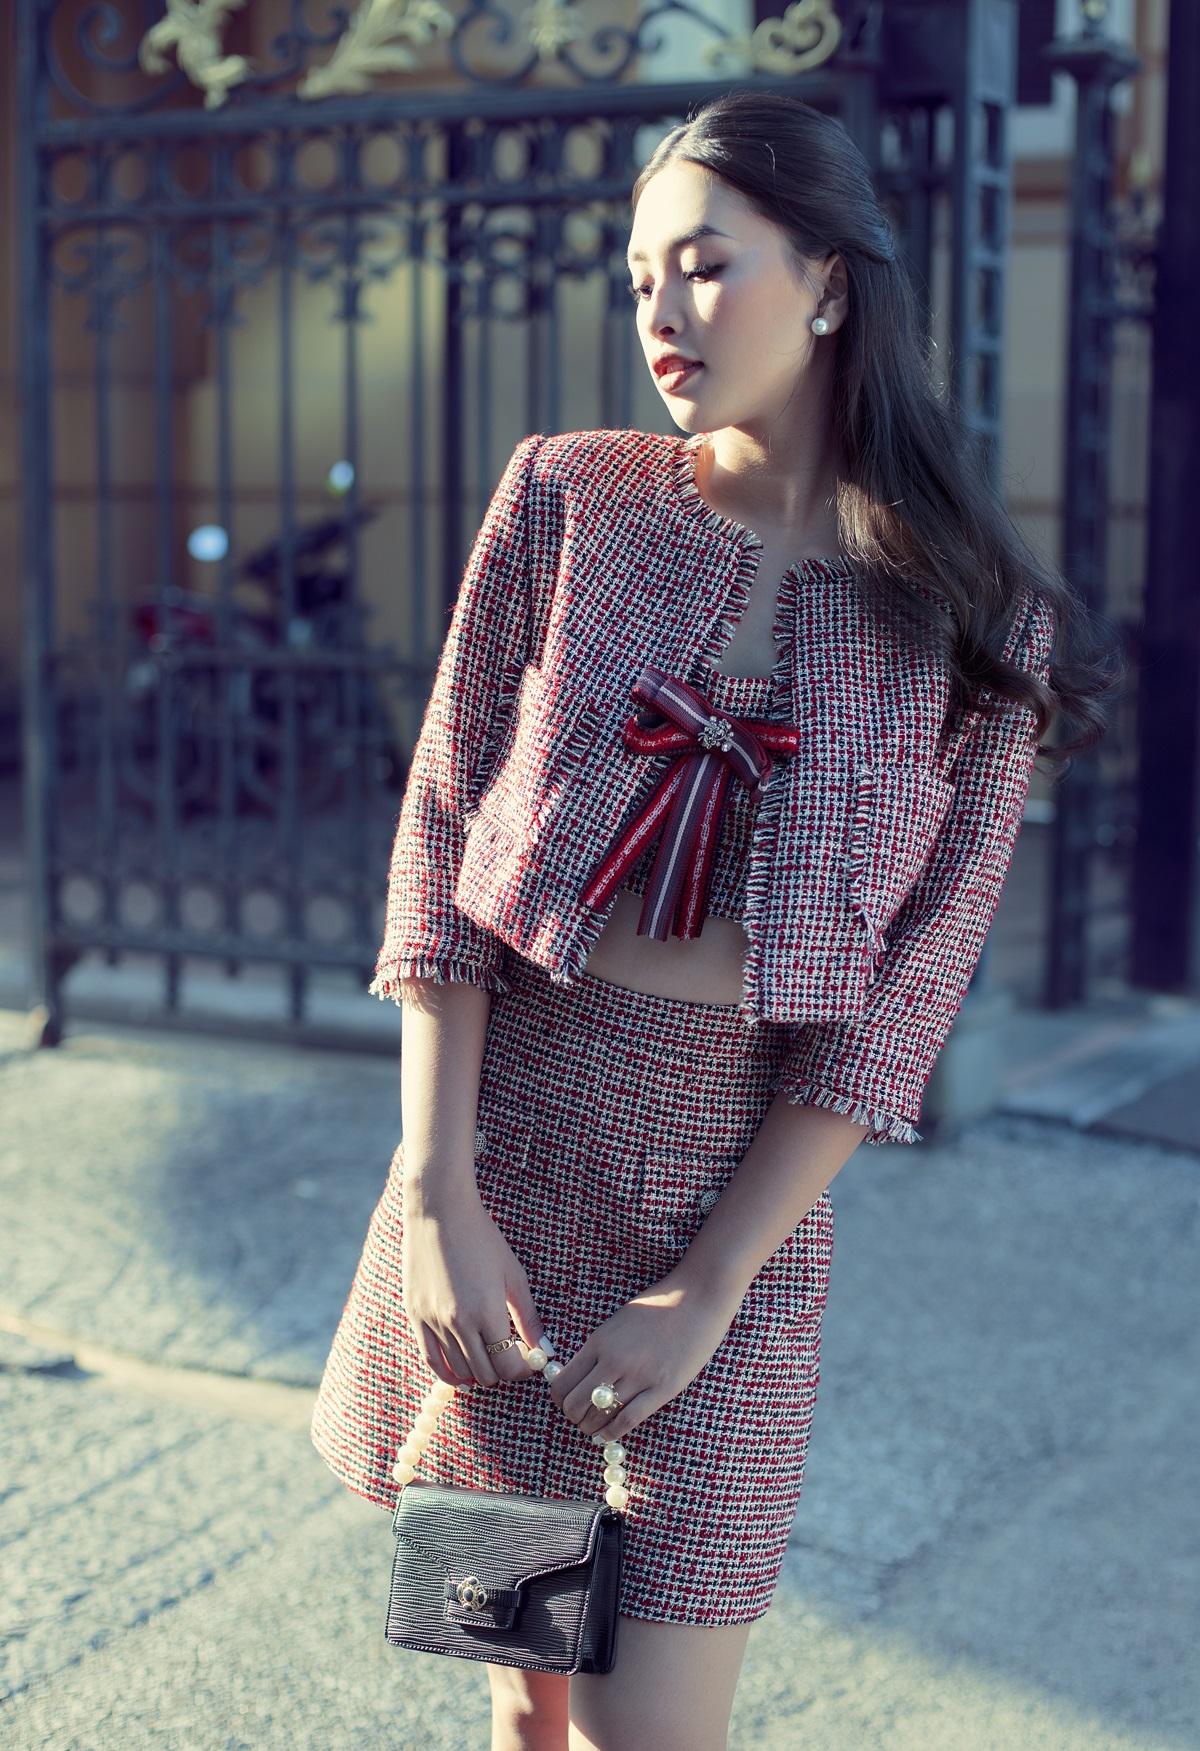 Áo khoác vải tweed trong bộ sưu tập Thu Đông 2020 giúp Tiểu Vy thoải mái biến hóa phong cách từ tối giản, sang trọng đến quyến rũ.